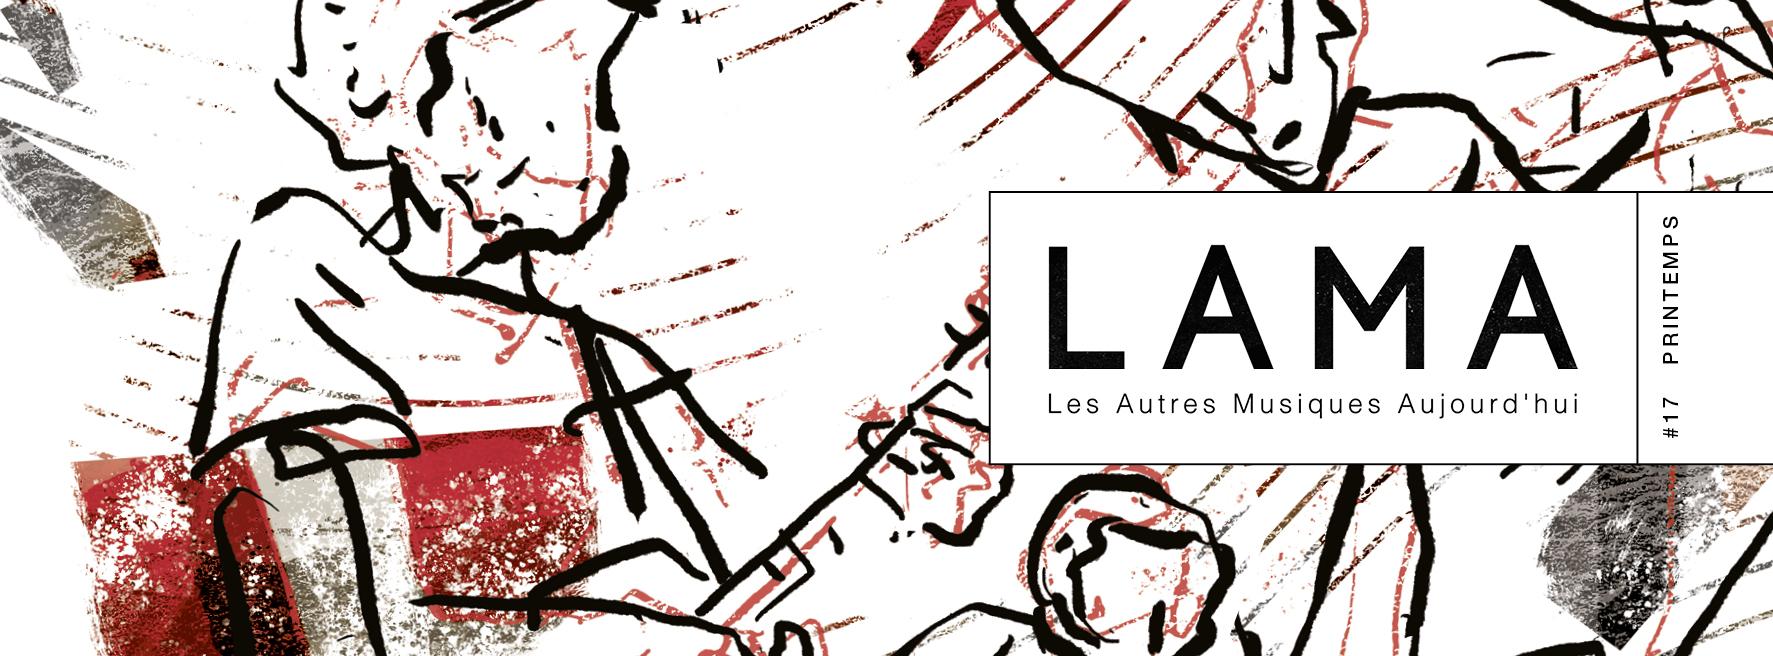 # 6 – ÉTÉ 2016 • Concert du 3 juillet 2016 au domaine de la Pépière